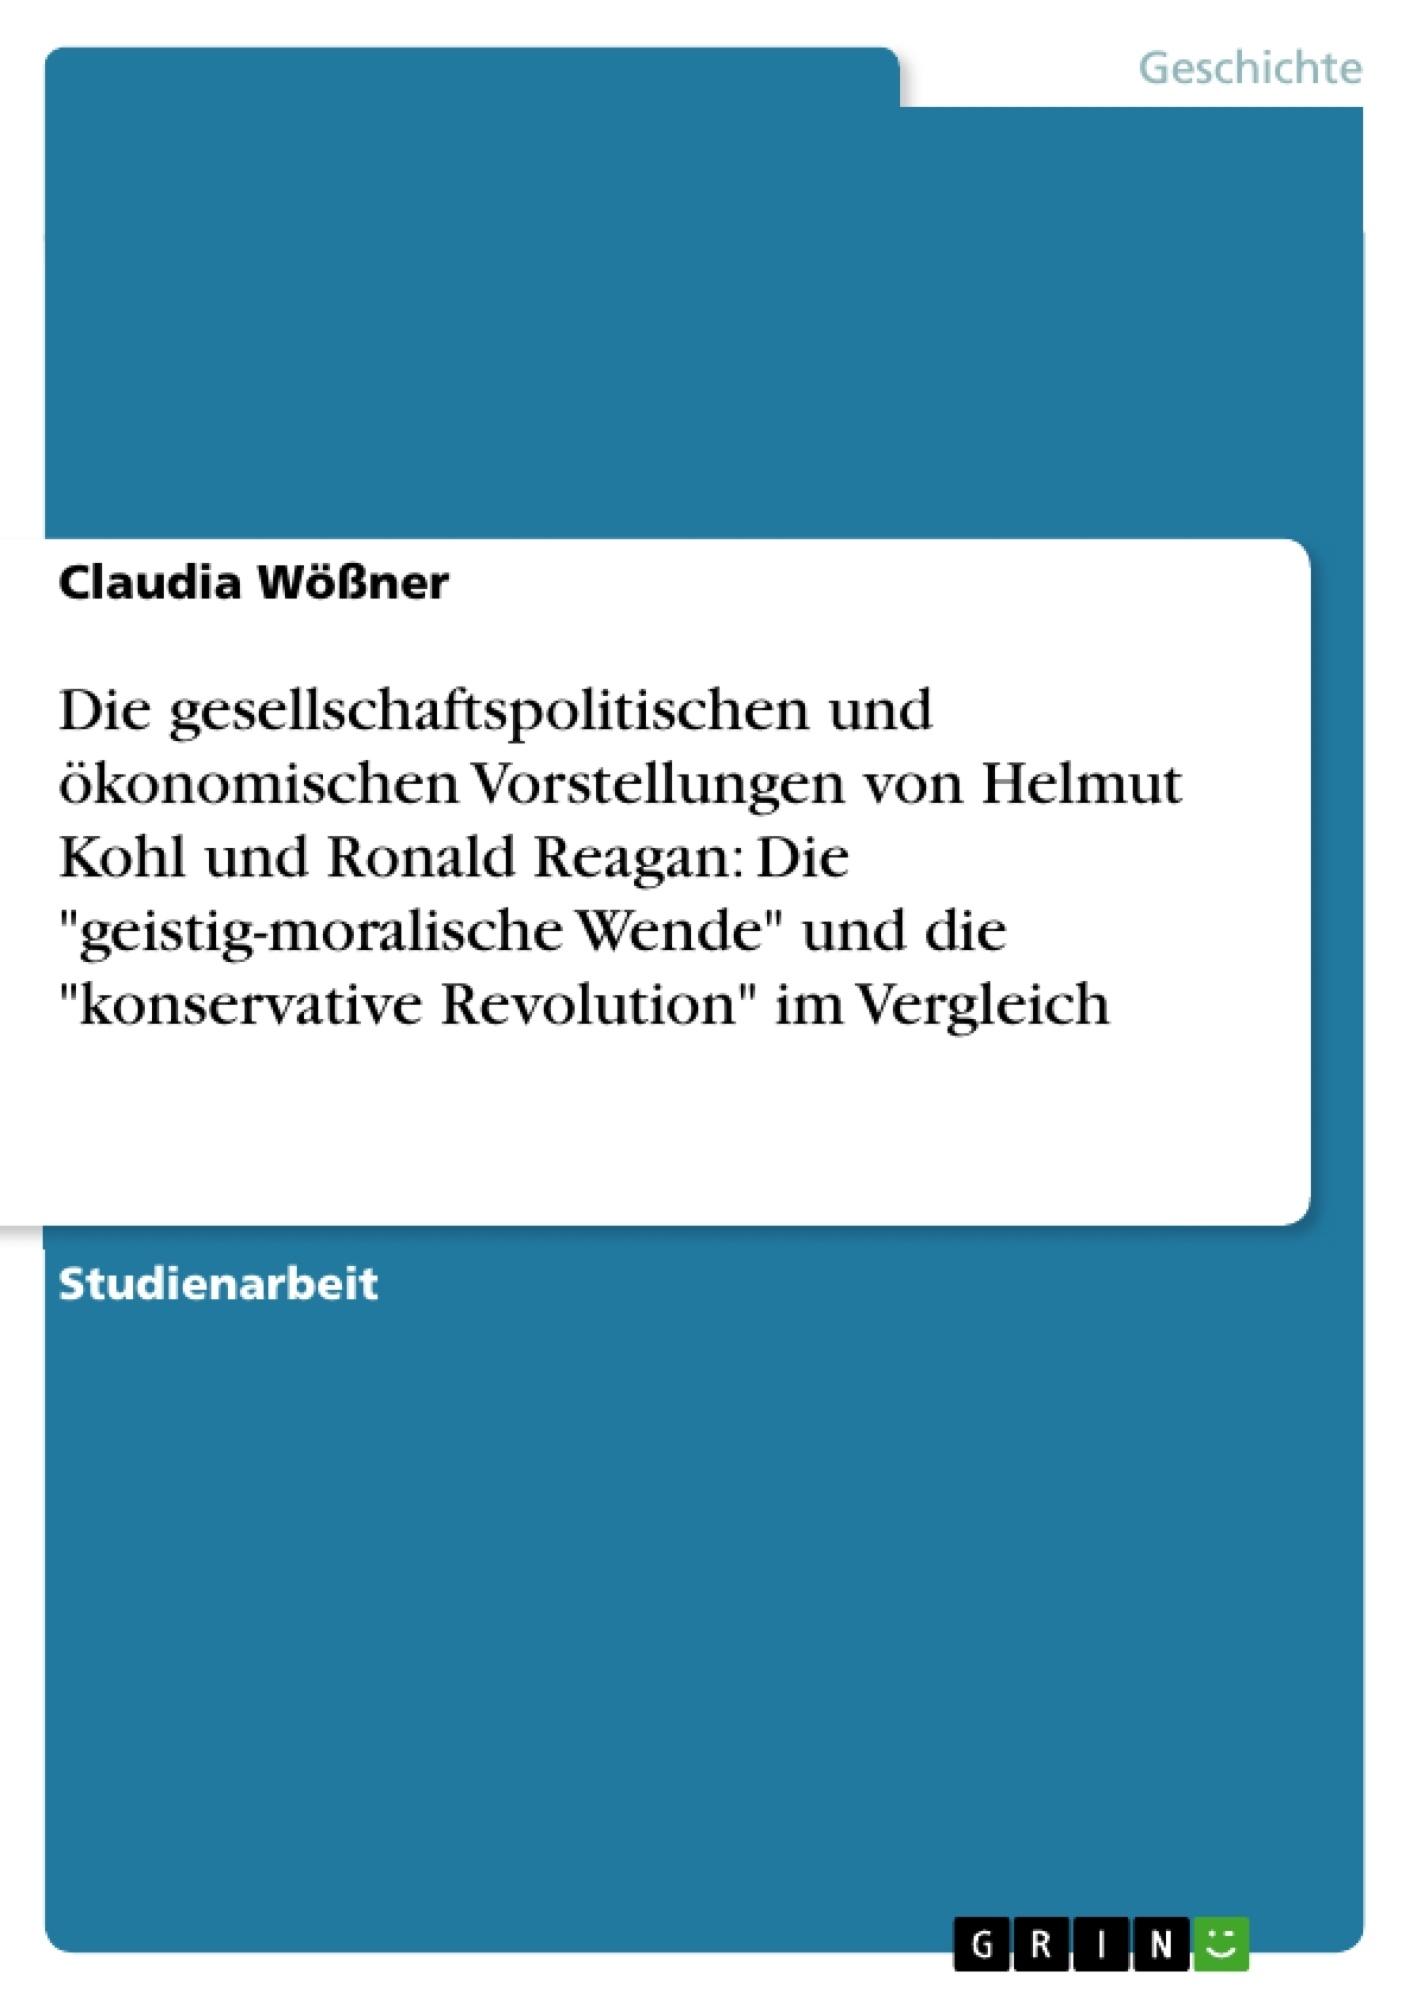 """Titel: Die gesellschaftspolitischen und ökonomischen Vorstellungen von Helmut Kohl und Ronald Reagan: Die """"geistig-moralische Wende""""  und die """"konservative Revolution"""" im Vergleich"""